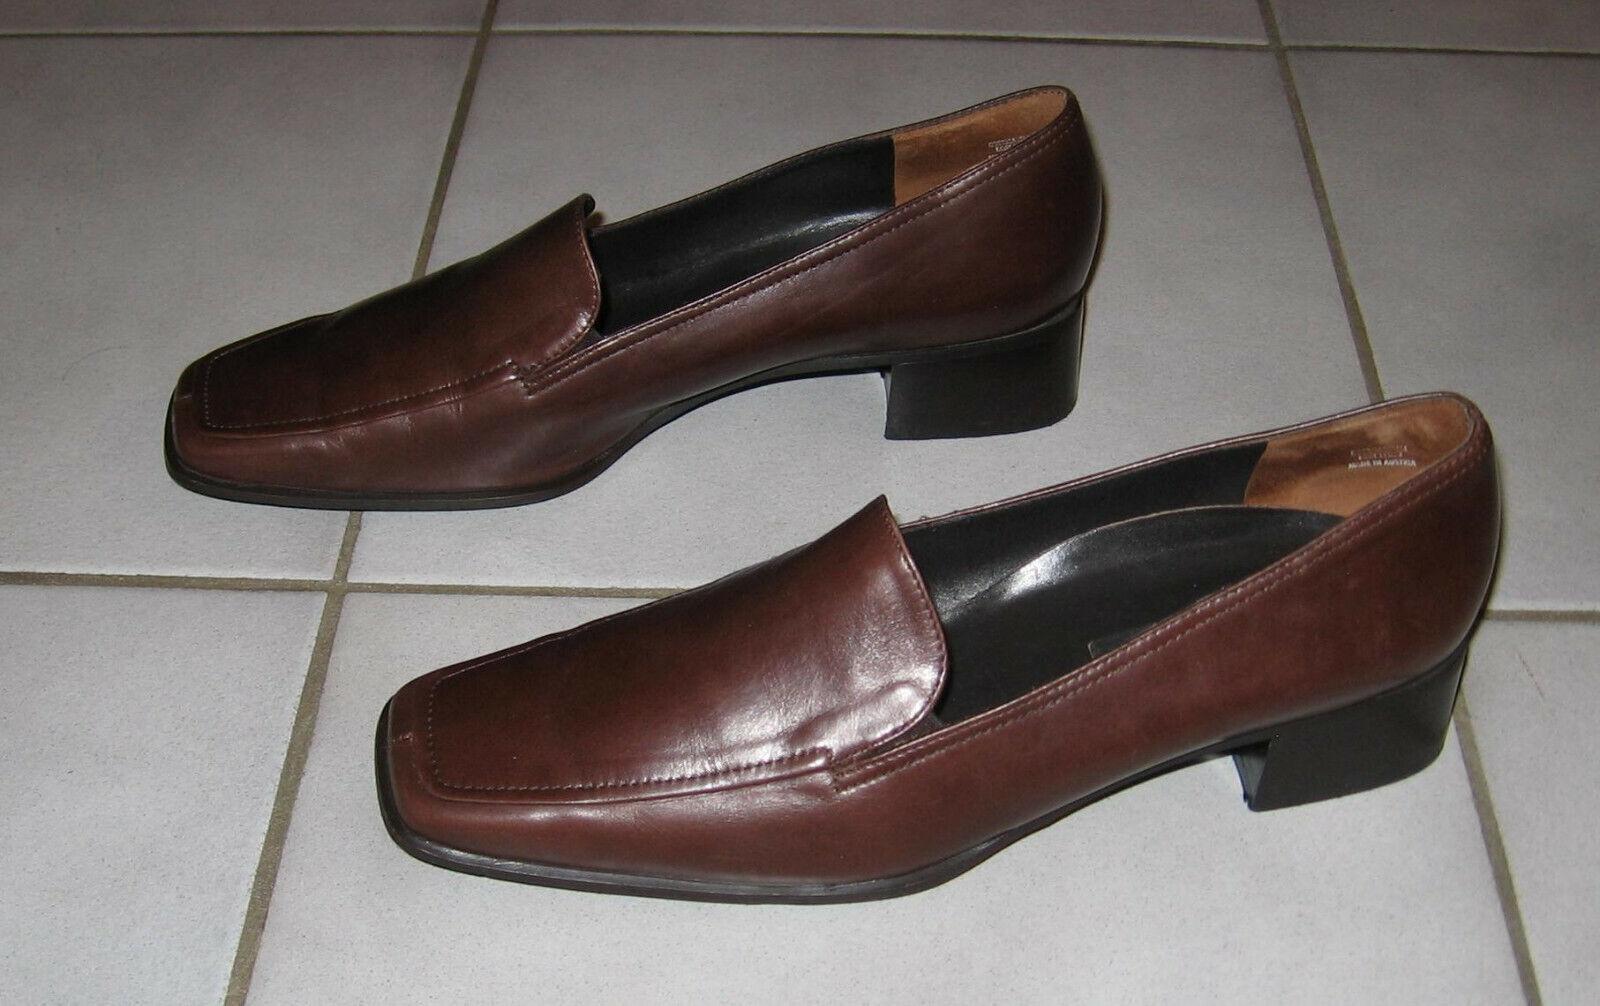 Paul Grün Damen Slipper   Loafer, Größe 7 (EU 40), Braun, Echtleder, Handmade